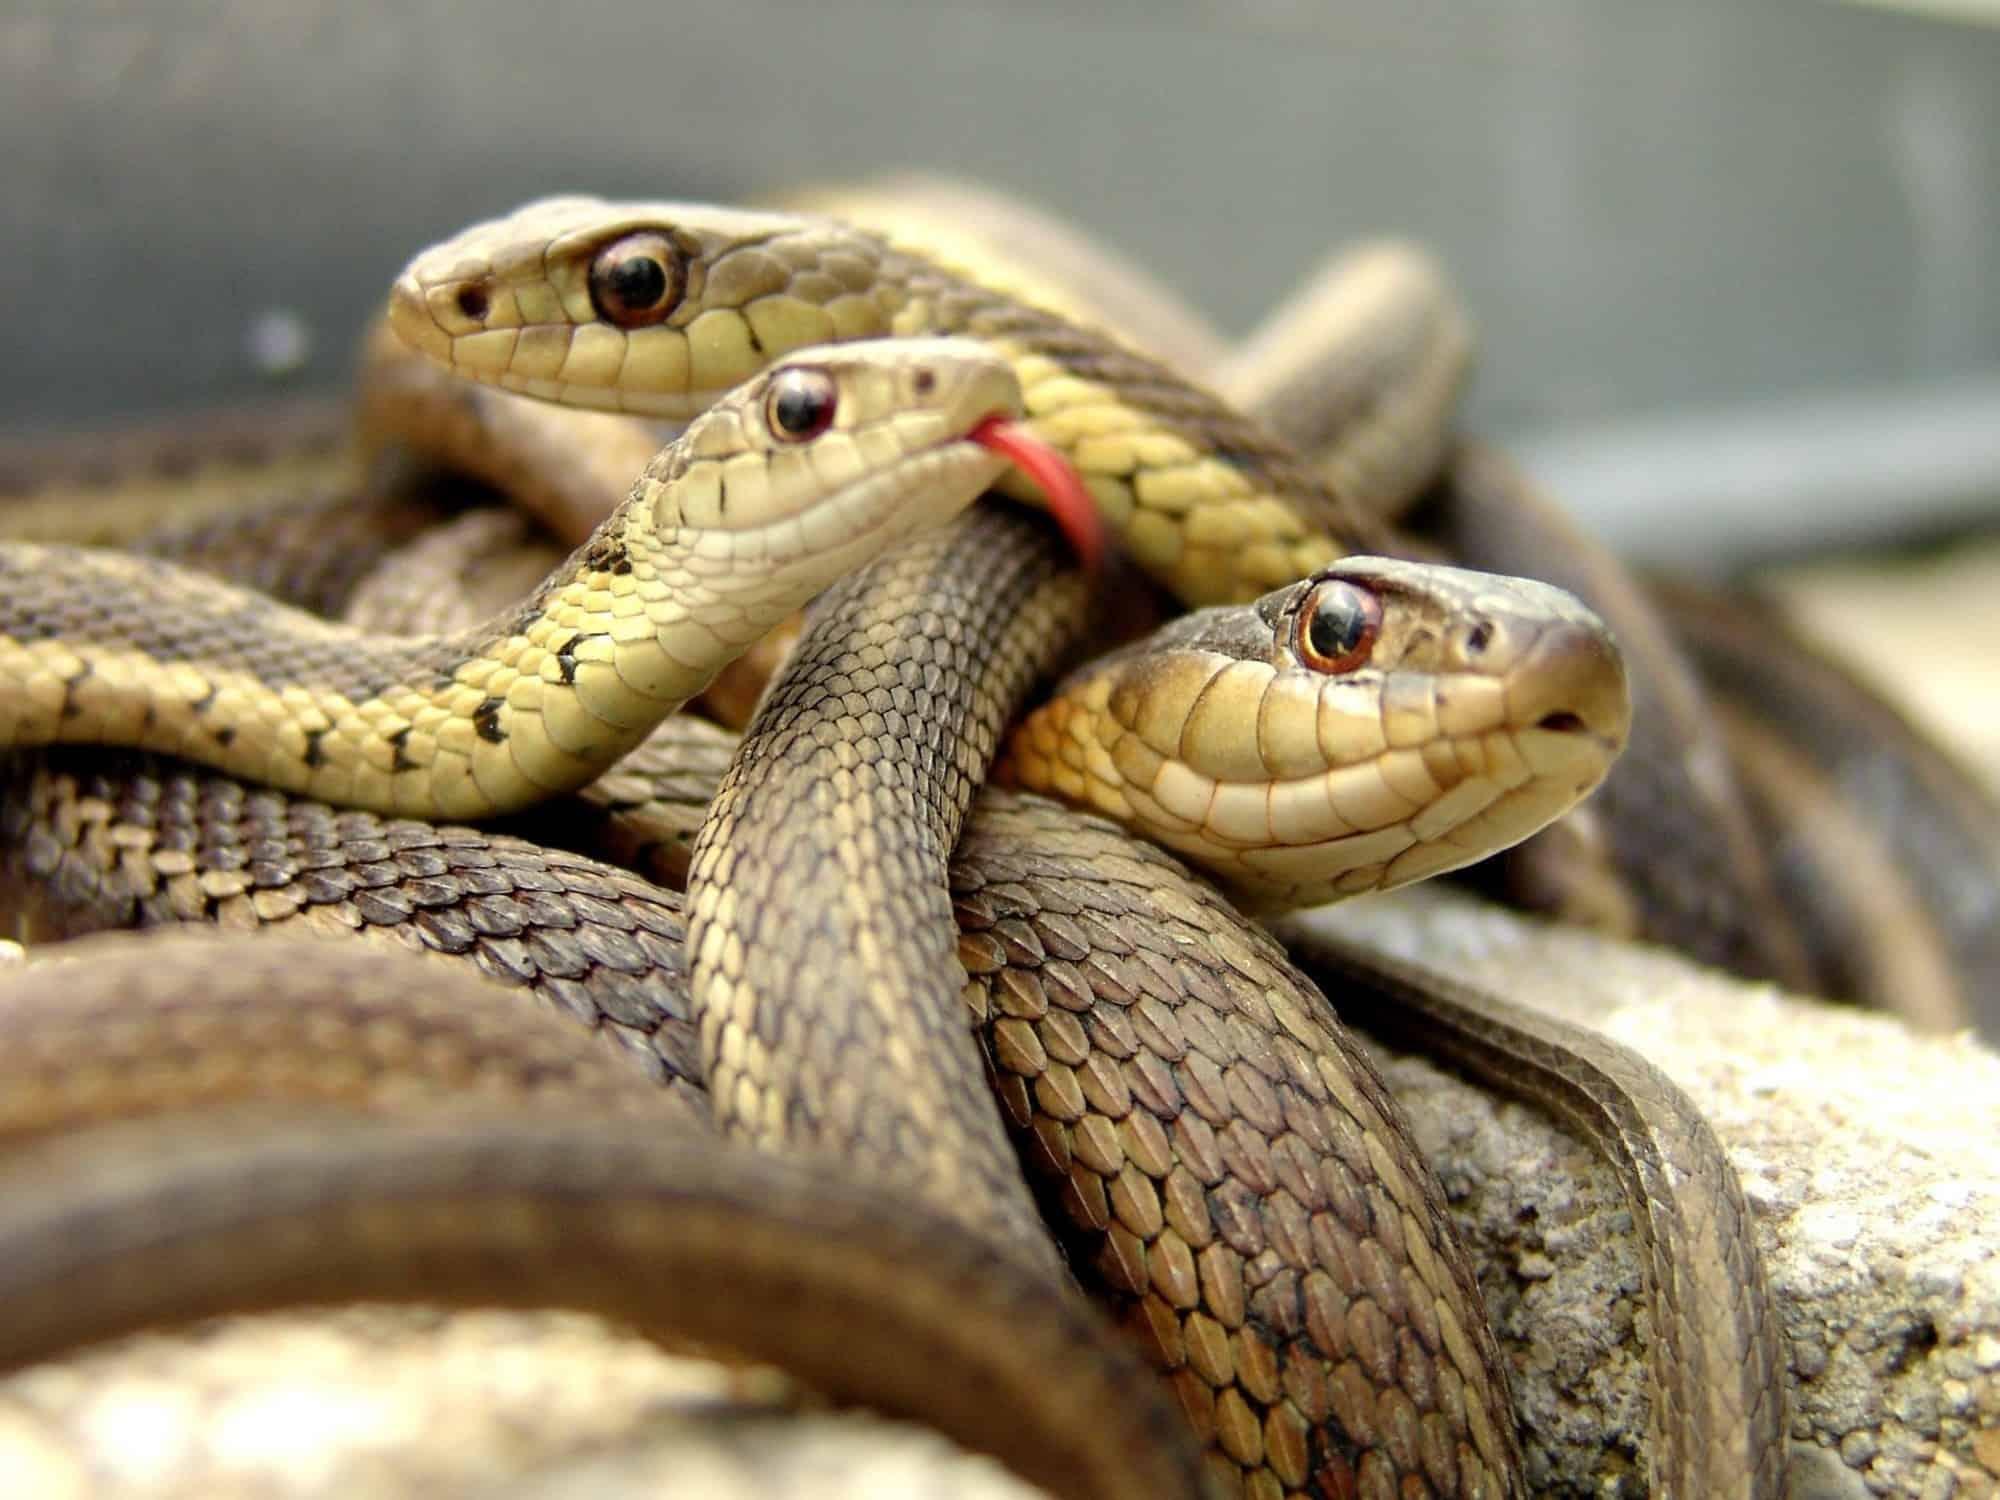 صورة رؤية الثعابين في المنام لابن سيرين , رؤية الثعابين والحيه في المنام لابن سيرين